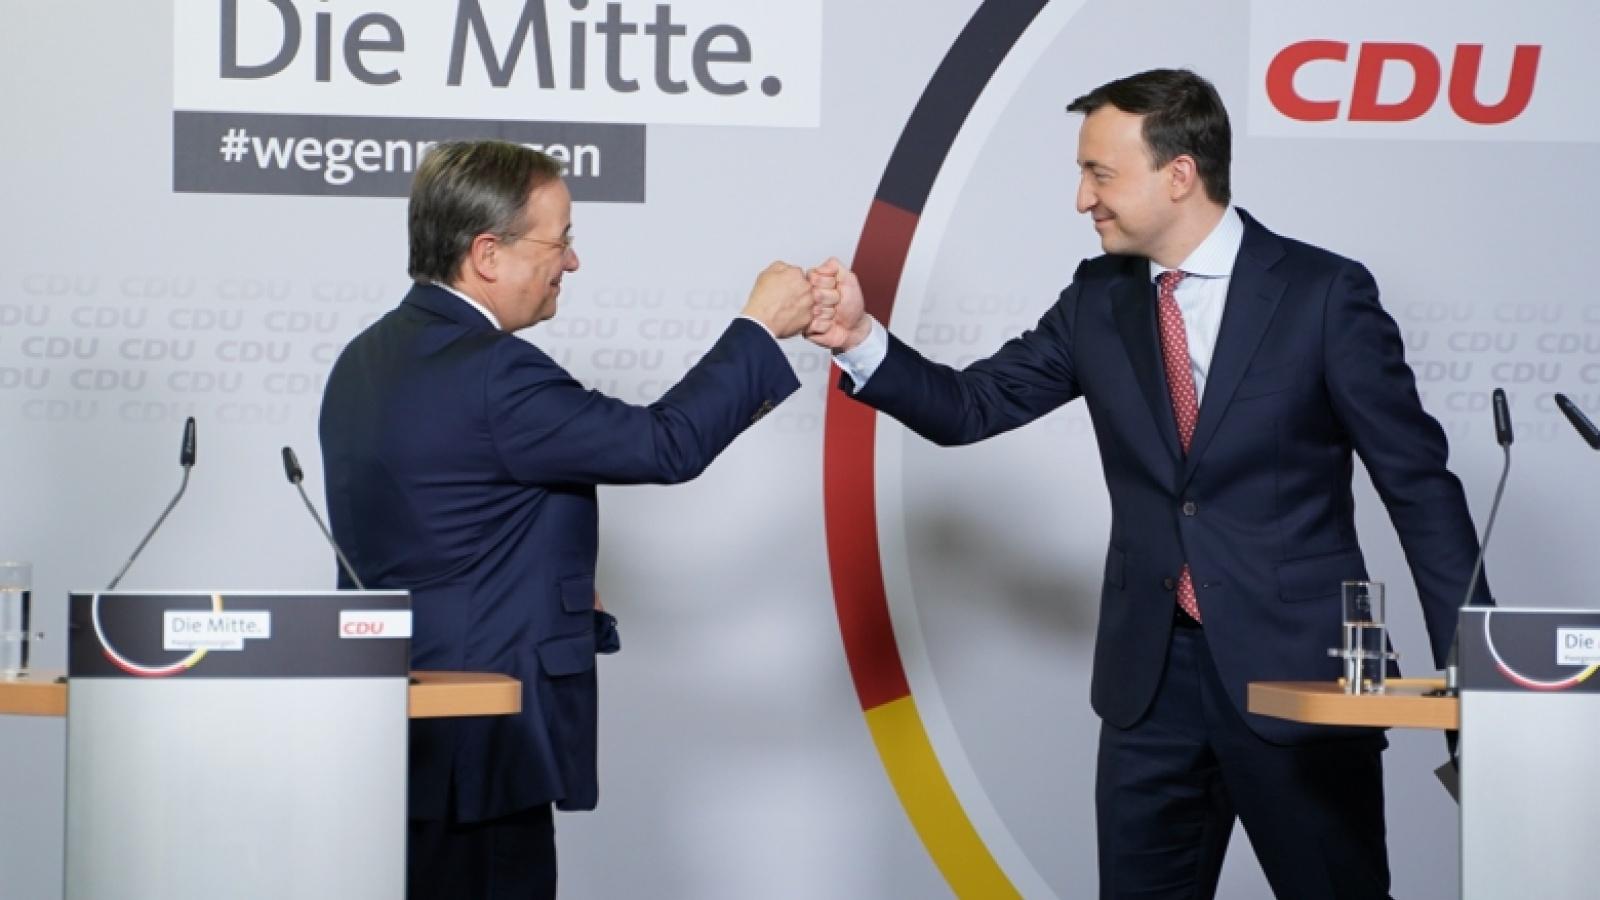 Geschafft: Mit dem vorliegenden Briefwahlergebnis ist Armin Laschet nun offiziell Vorsitzender der CDU Deutschlands